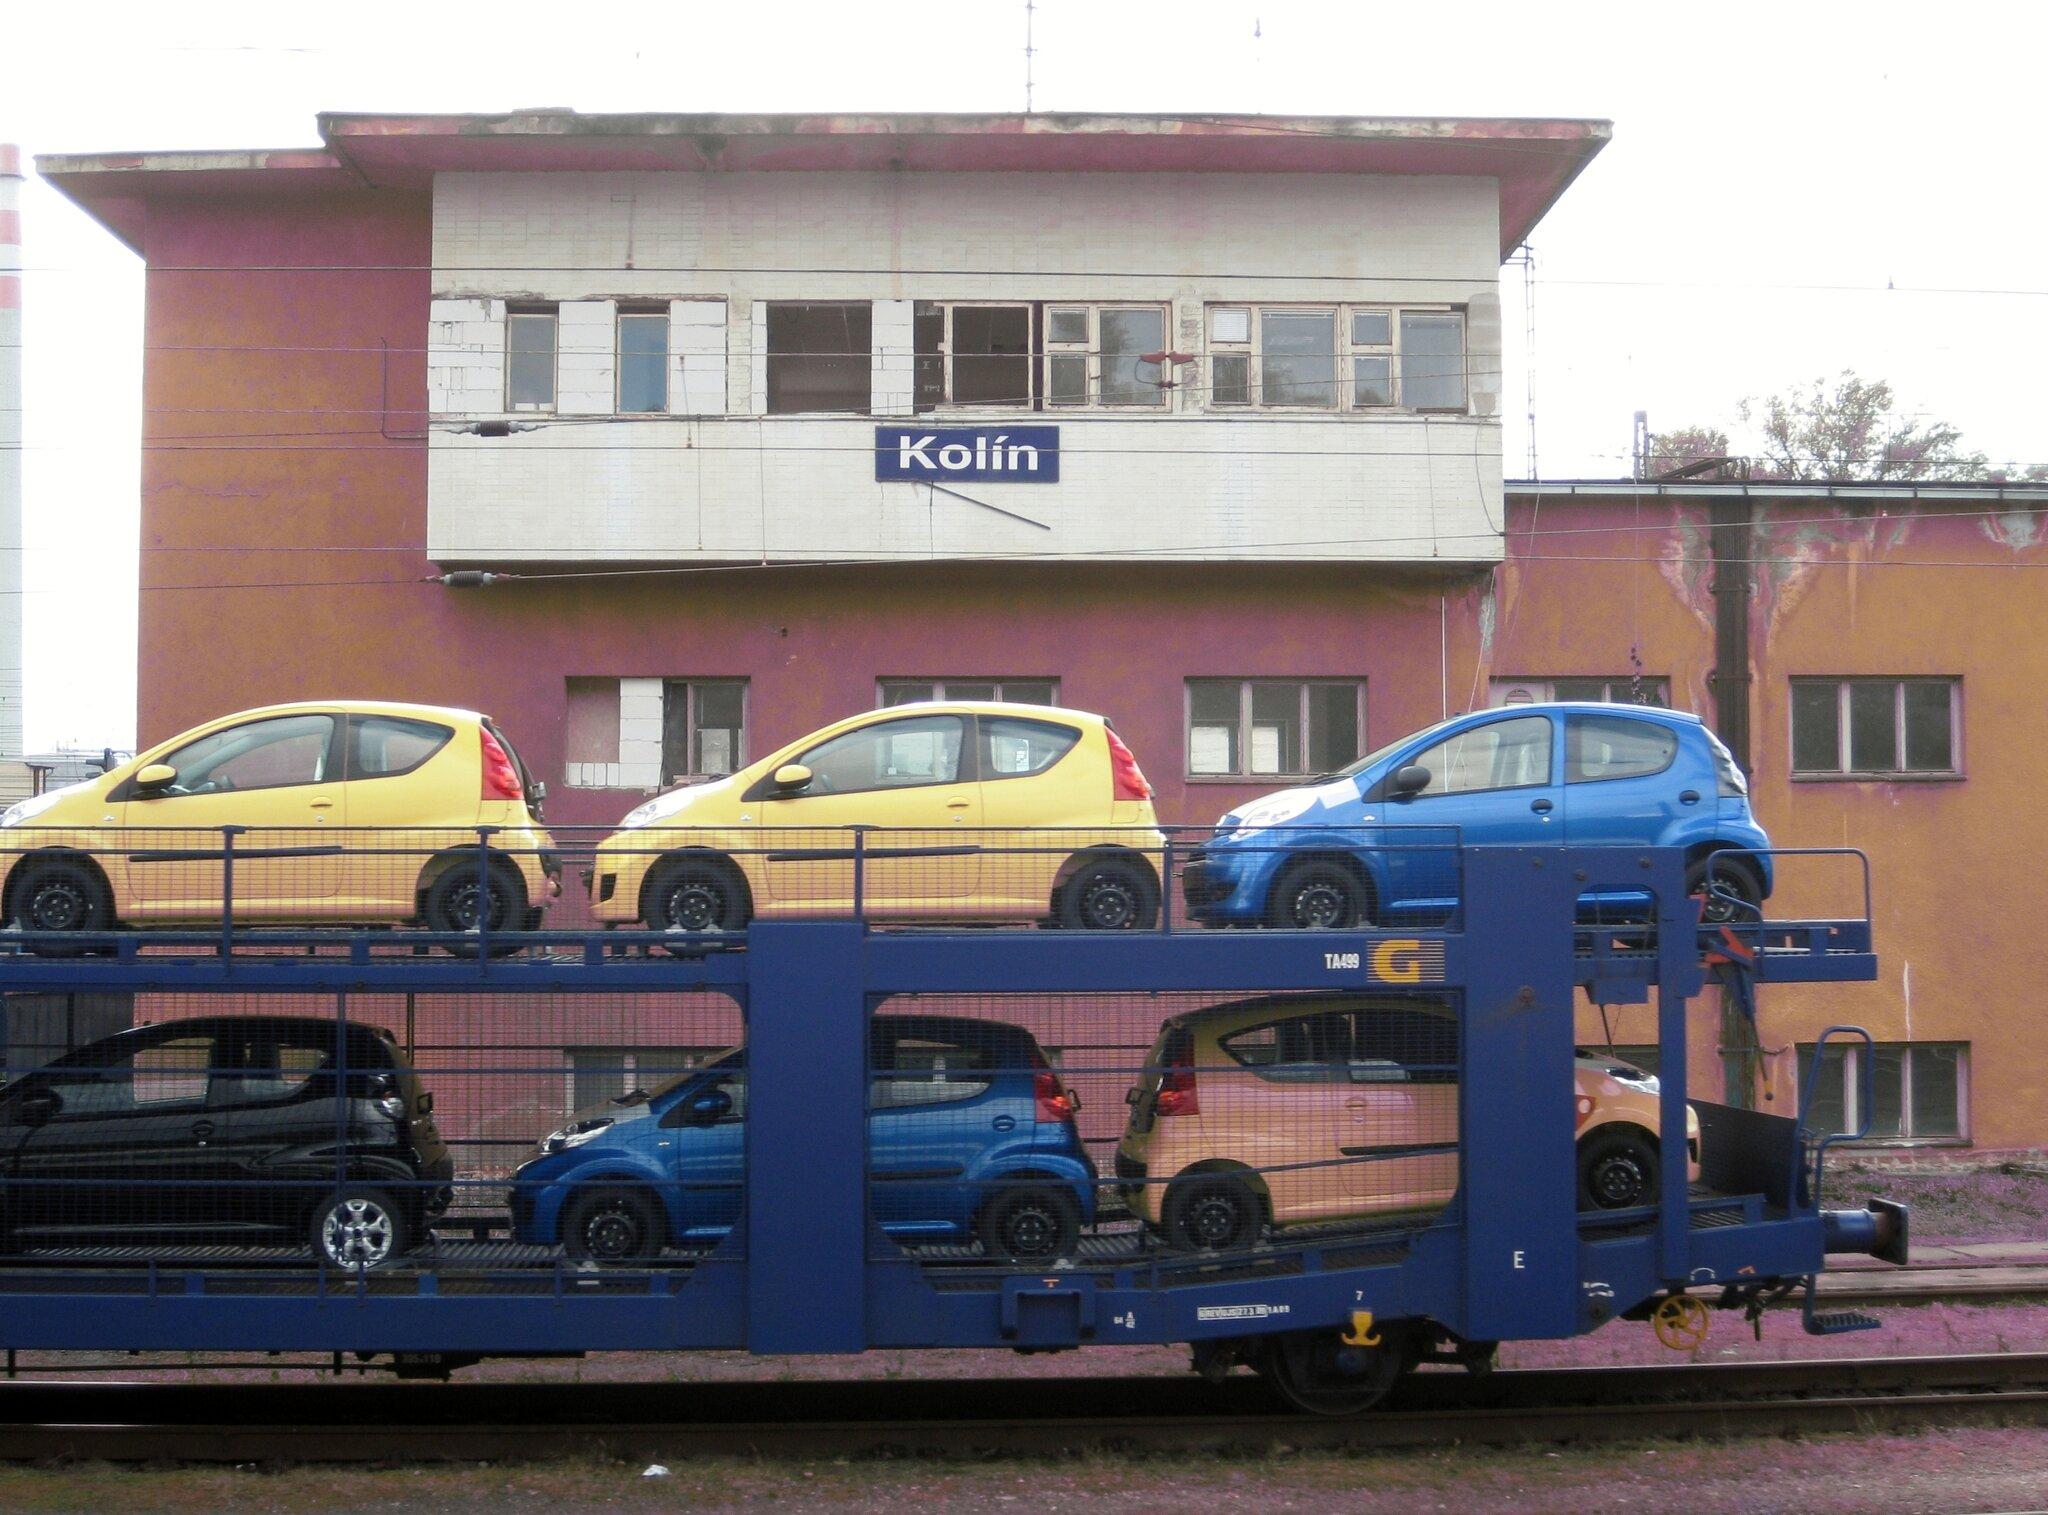 Kolìn (République Tchèque) Poste d'aiguillage